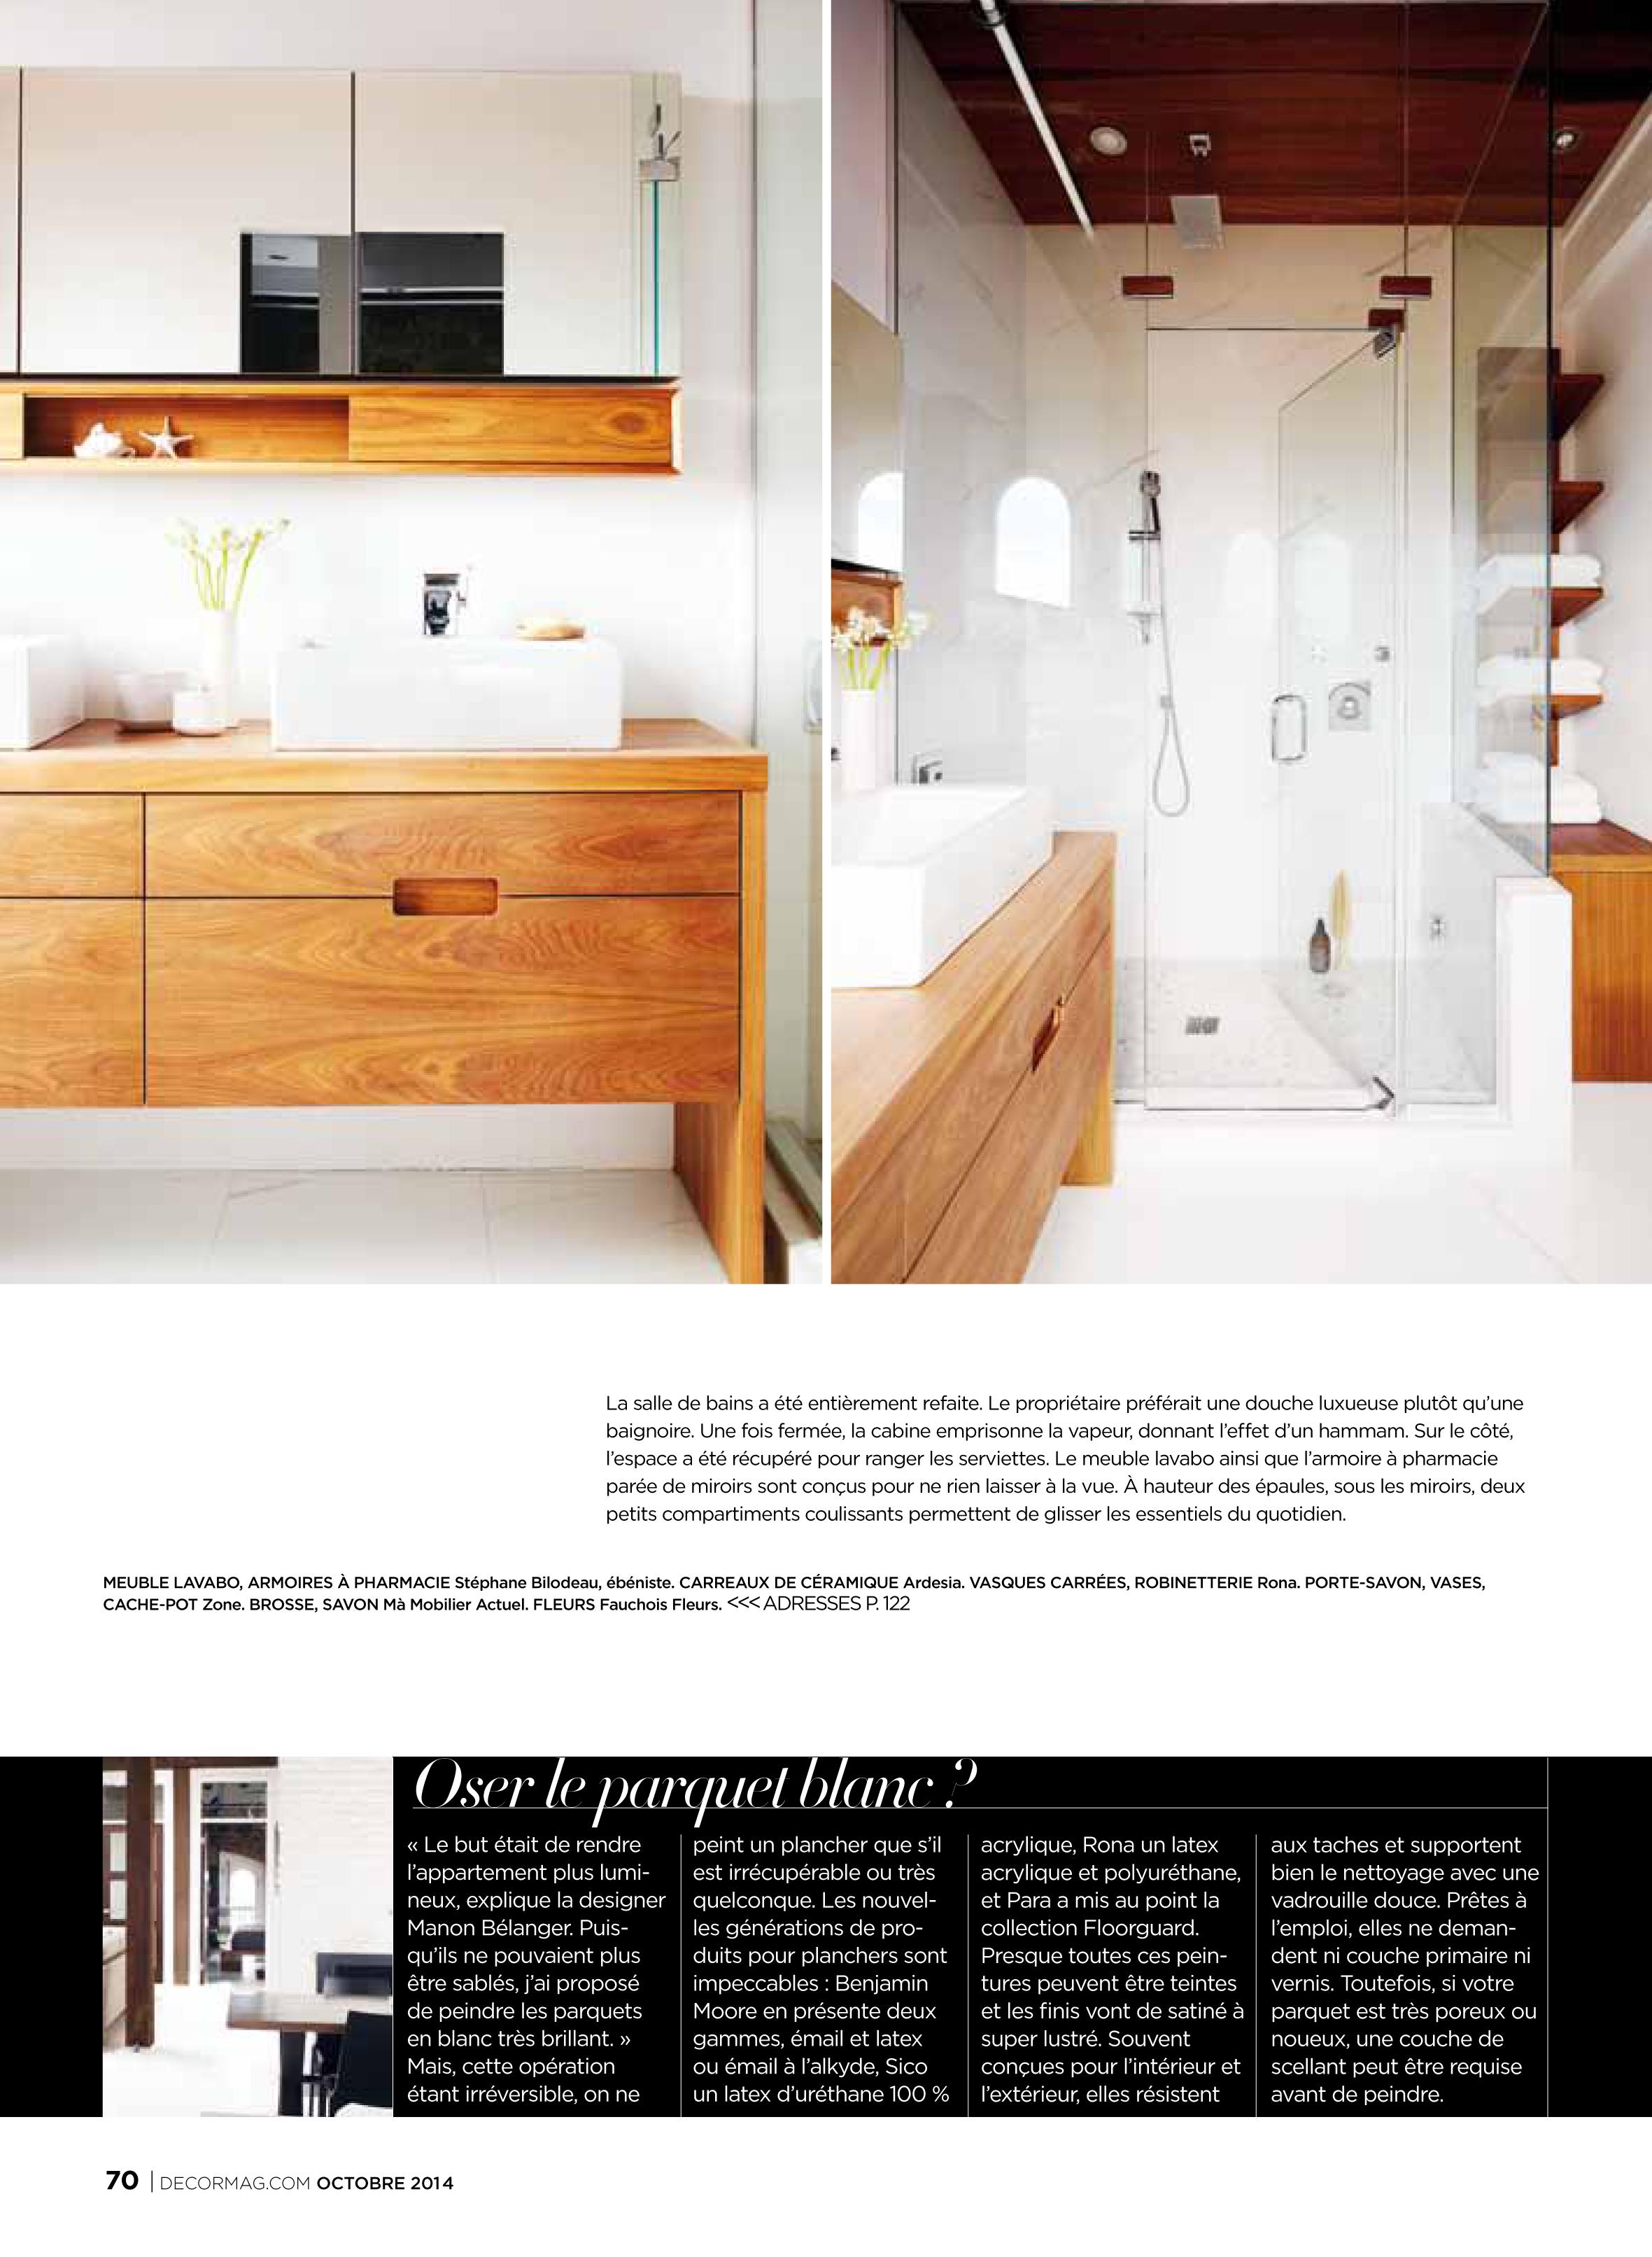 Vieux-Montreal-p60 INT_Bélanger-6.jpg